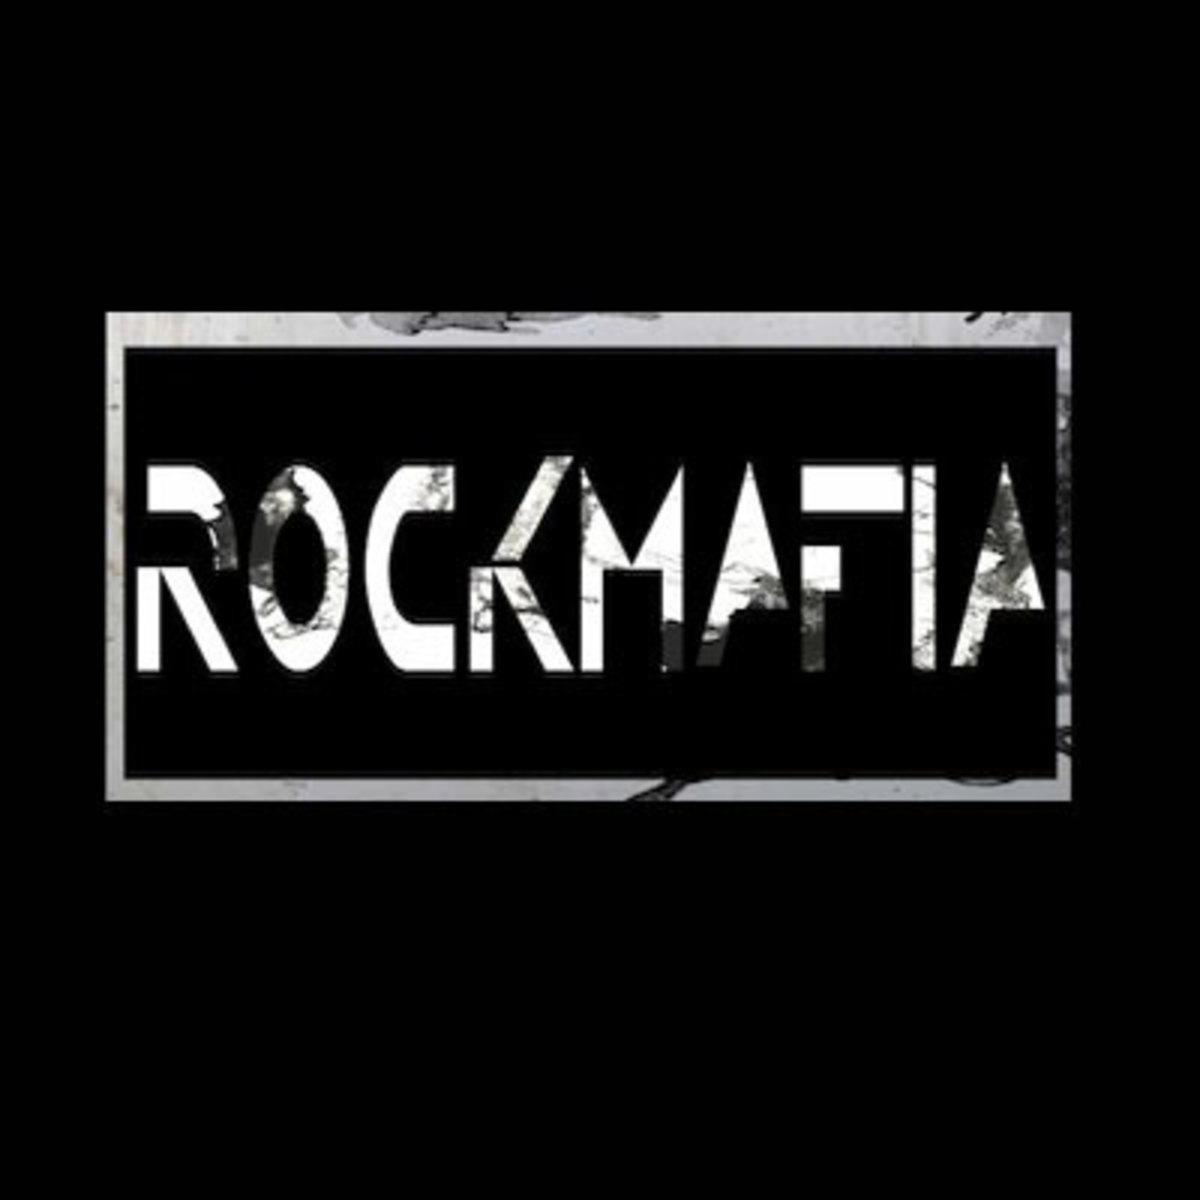 rockmafia.jpg